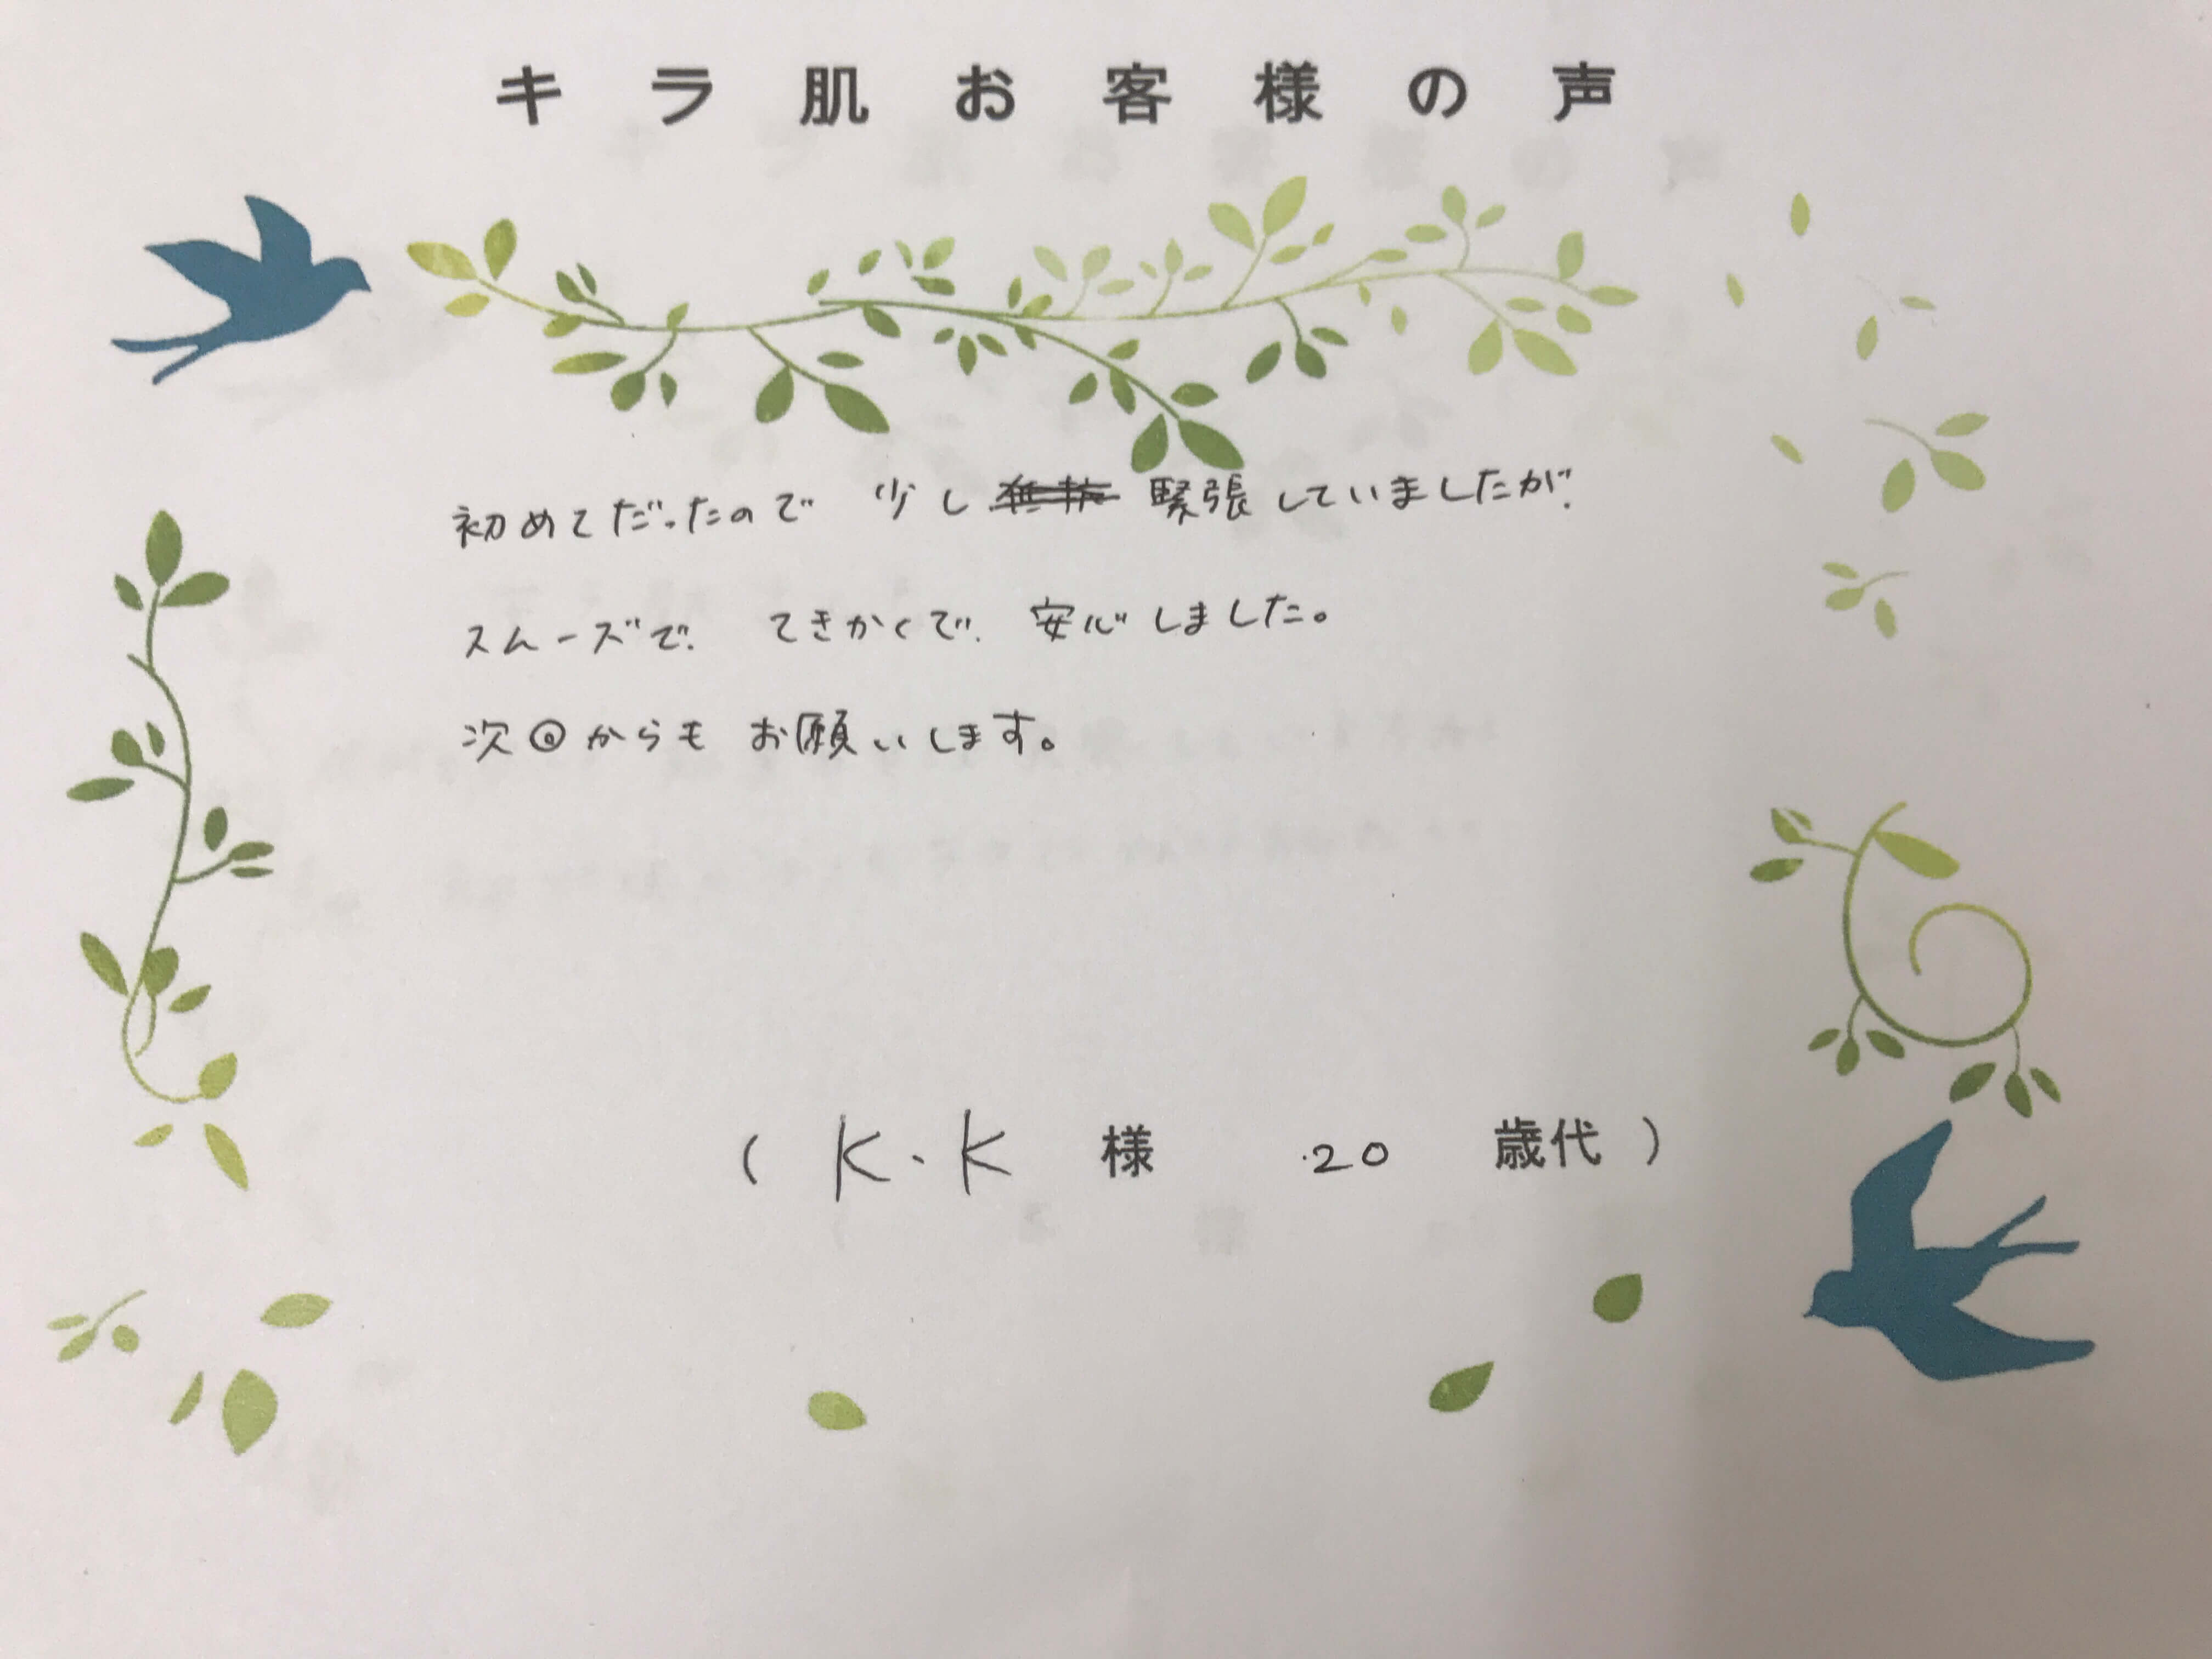 松江在住K.K様のお声。